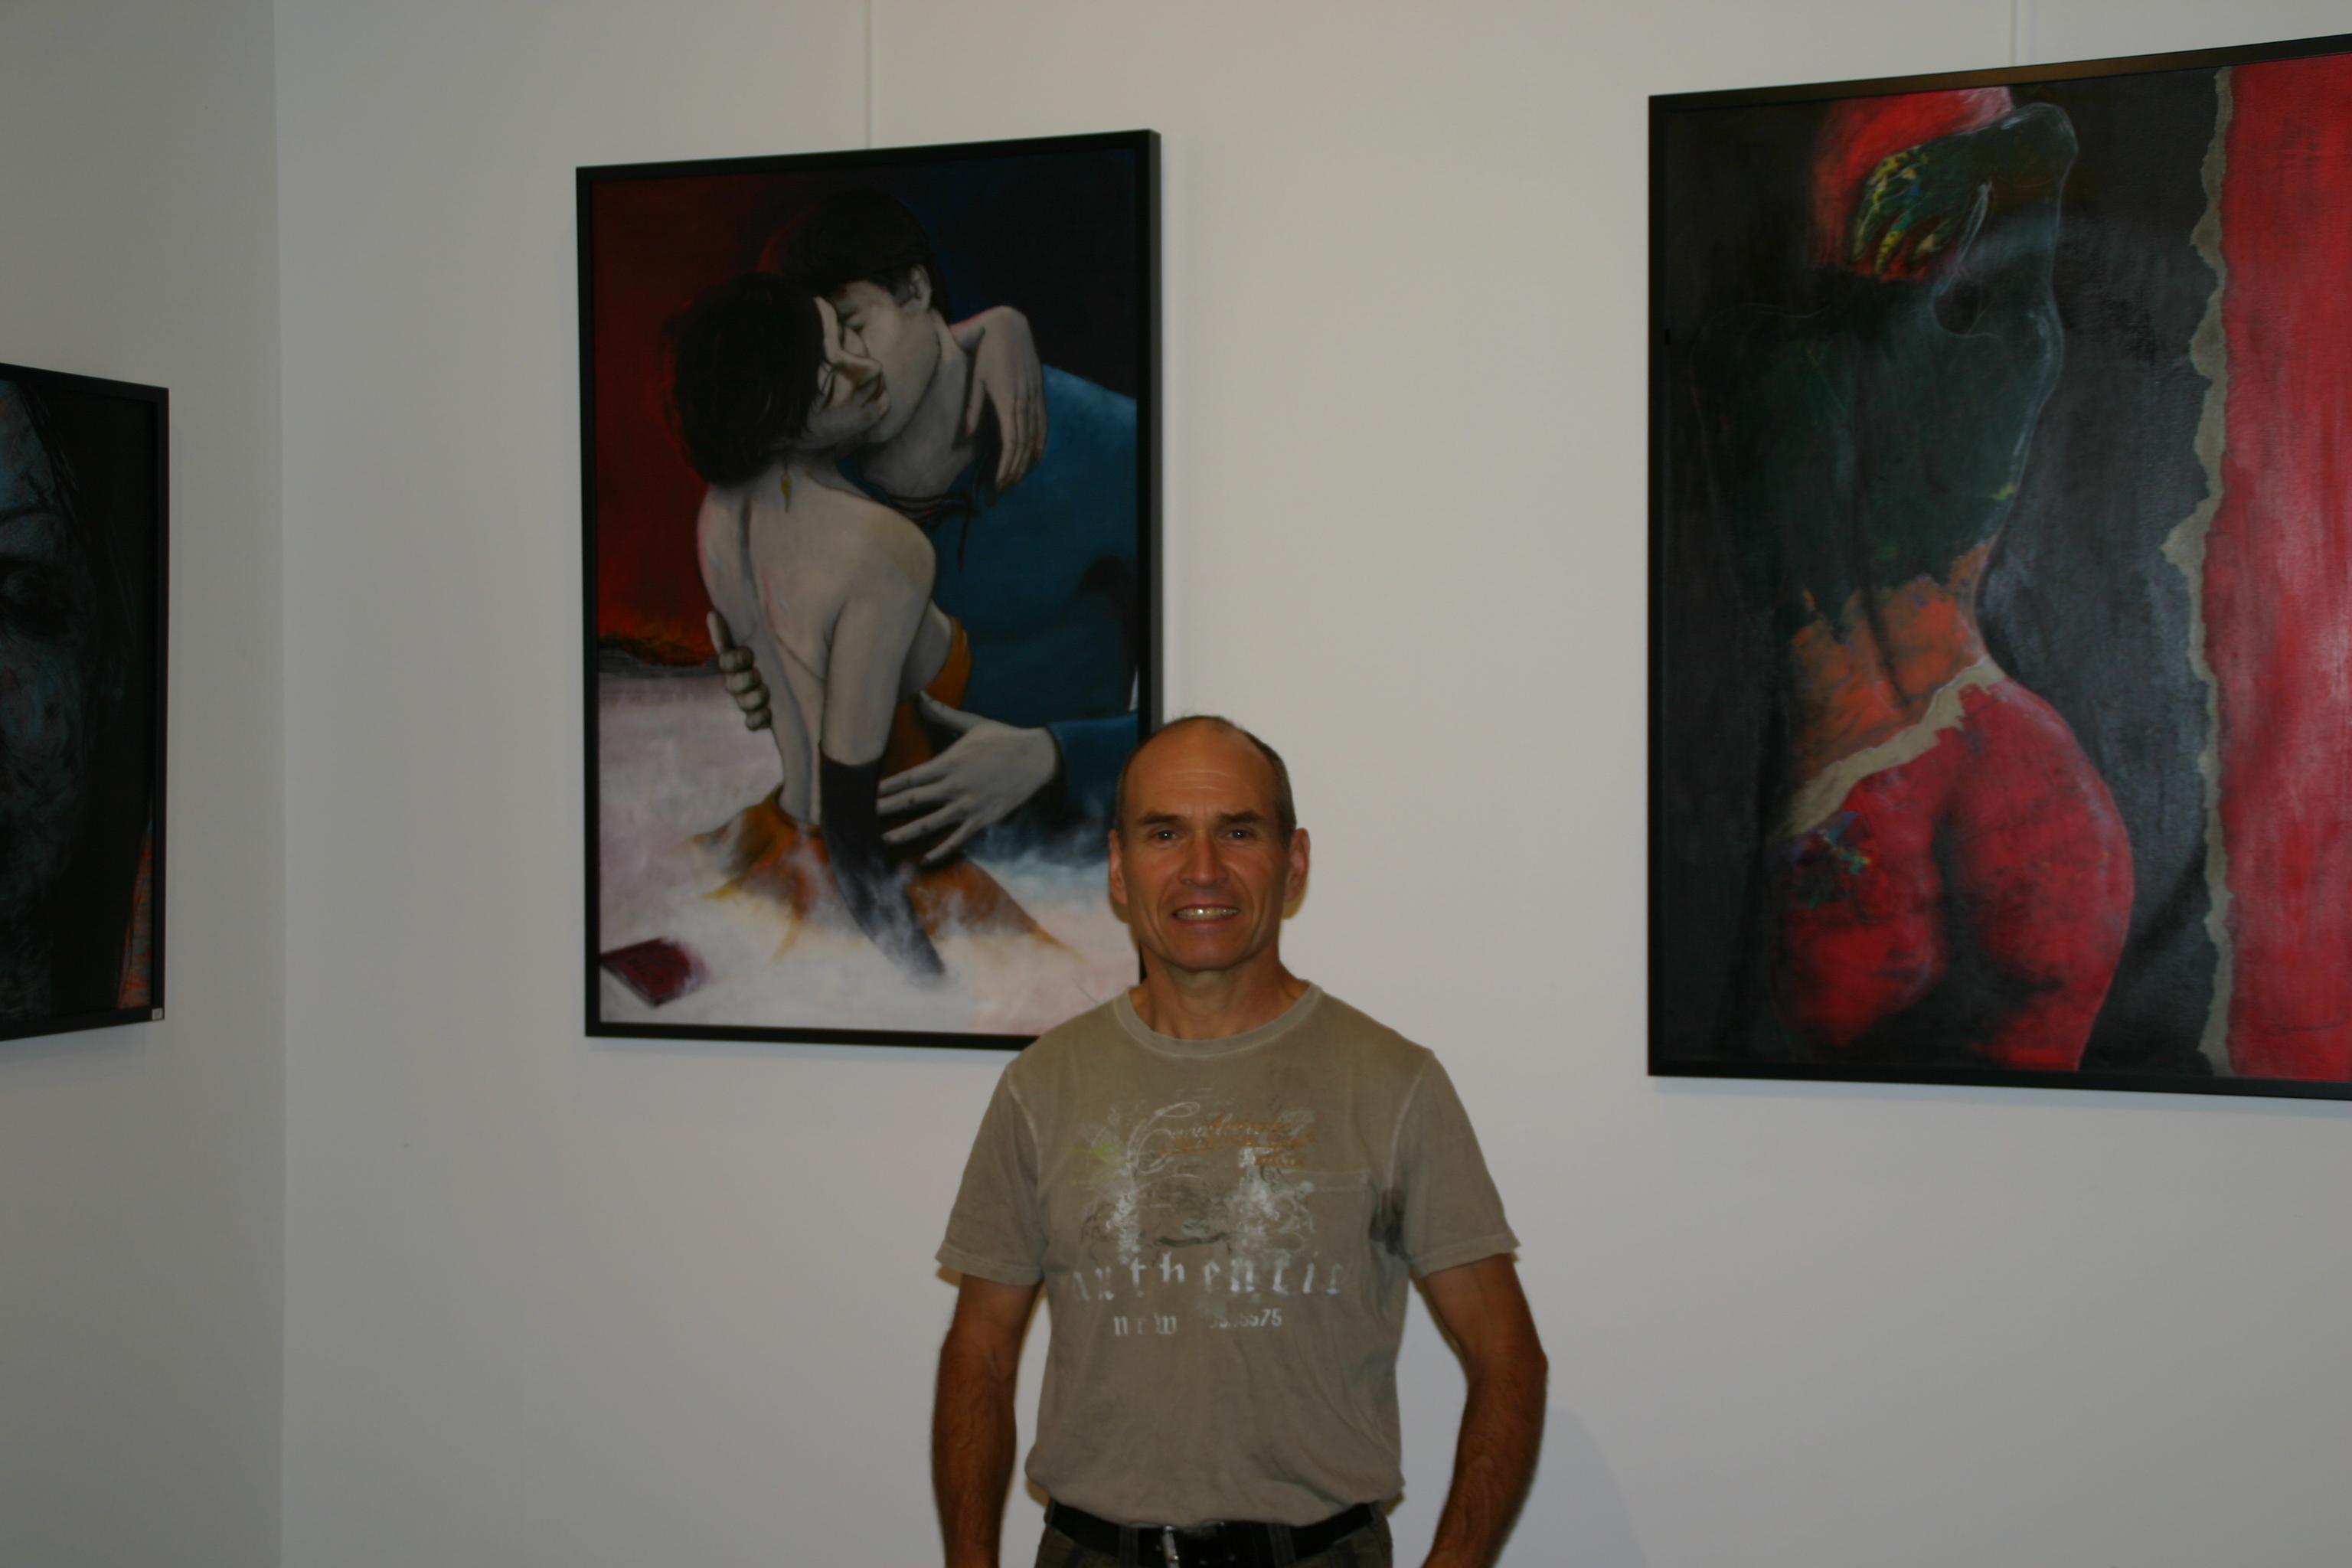 Le peintre upaixois Alain Chauvet expose à Gap